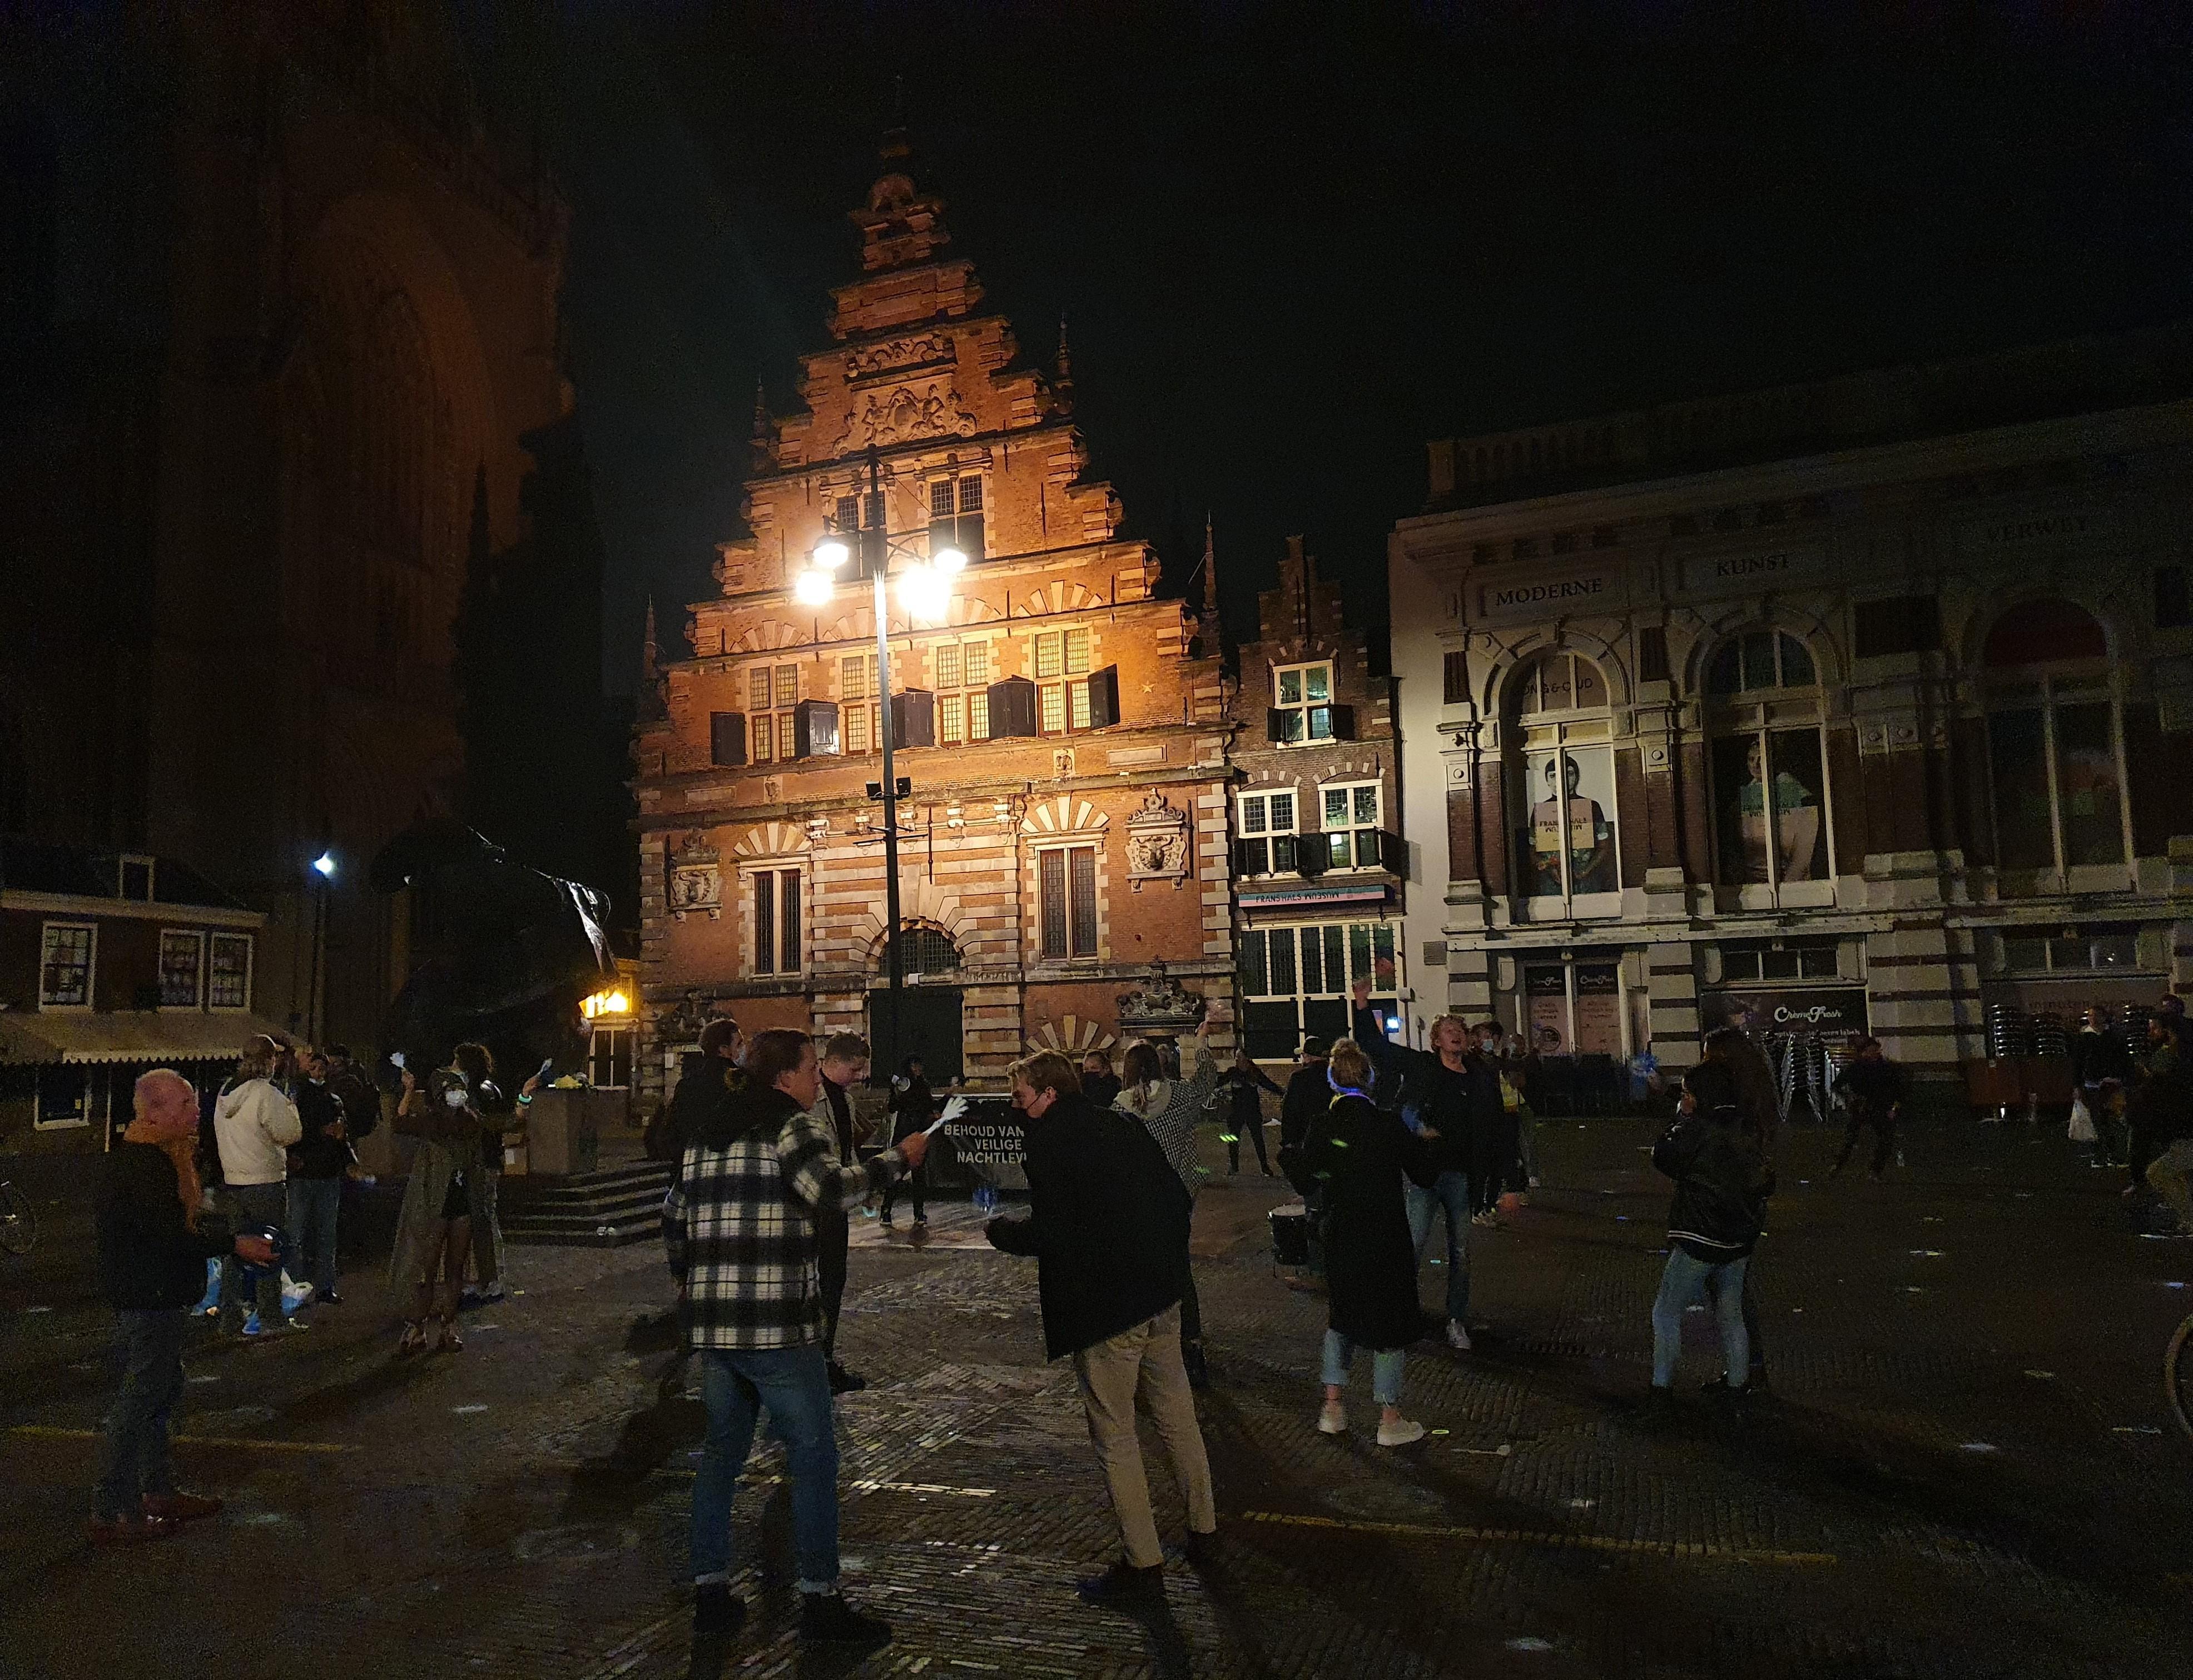 Klepperen en klapperen met voorwerpen op de Grote Markt in Haarlem: protestactie tegen vervroegde sluiting horeca vredig verlopen